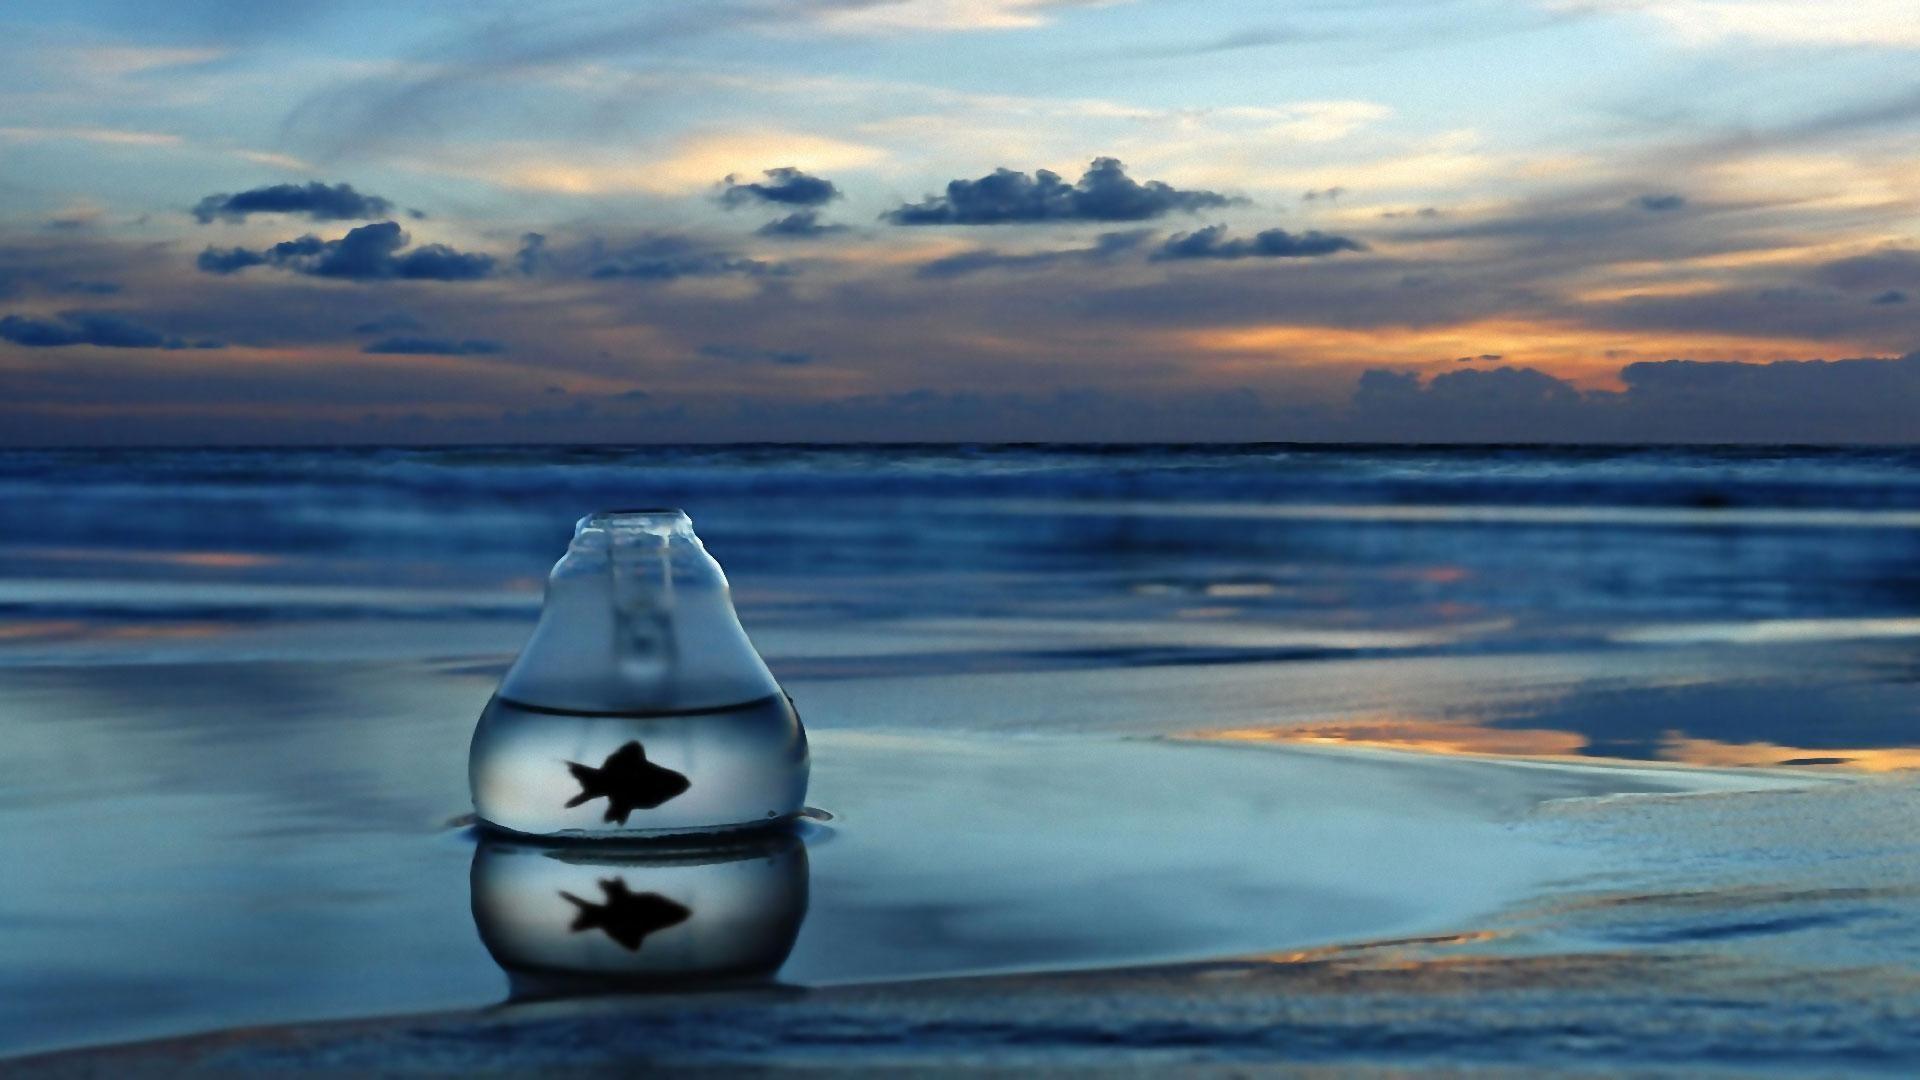 ocean images for desktop background